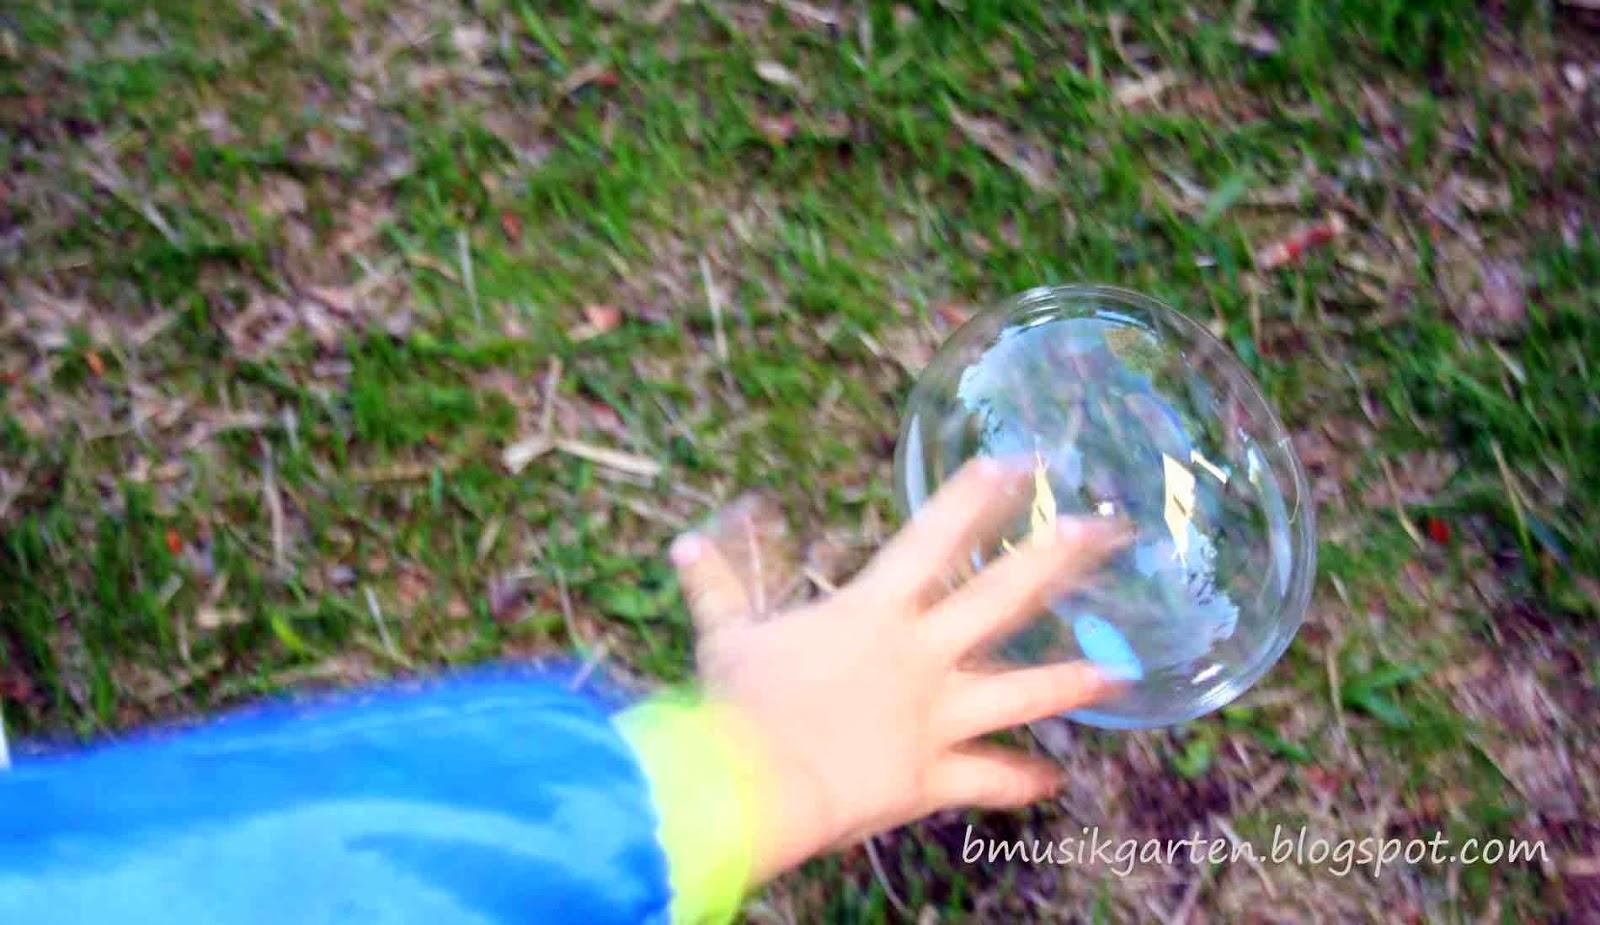 Cómo pintar con burbujas de la manera más divertida | Beatriz ...